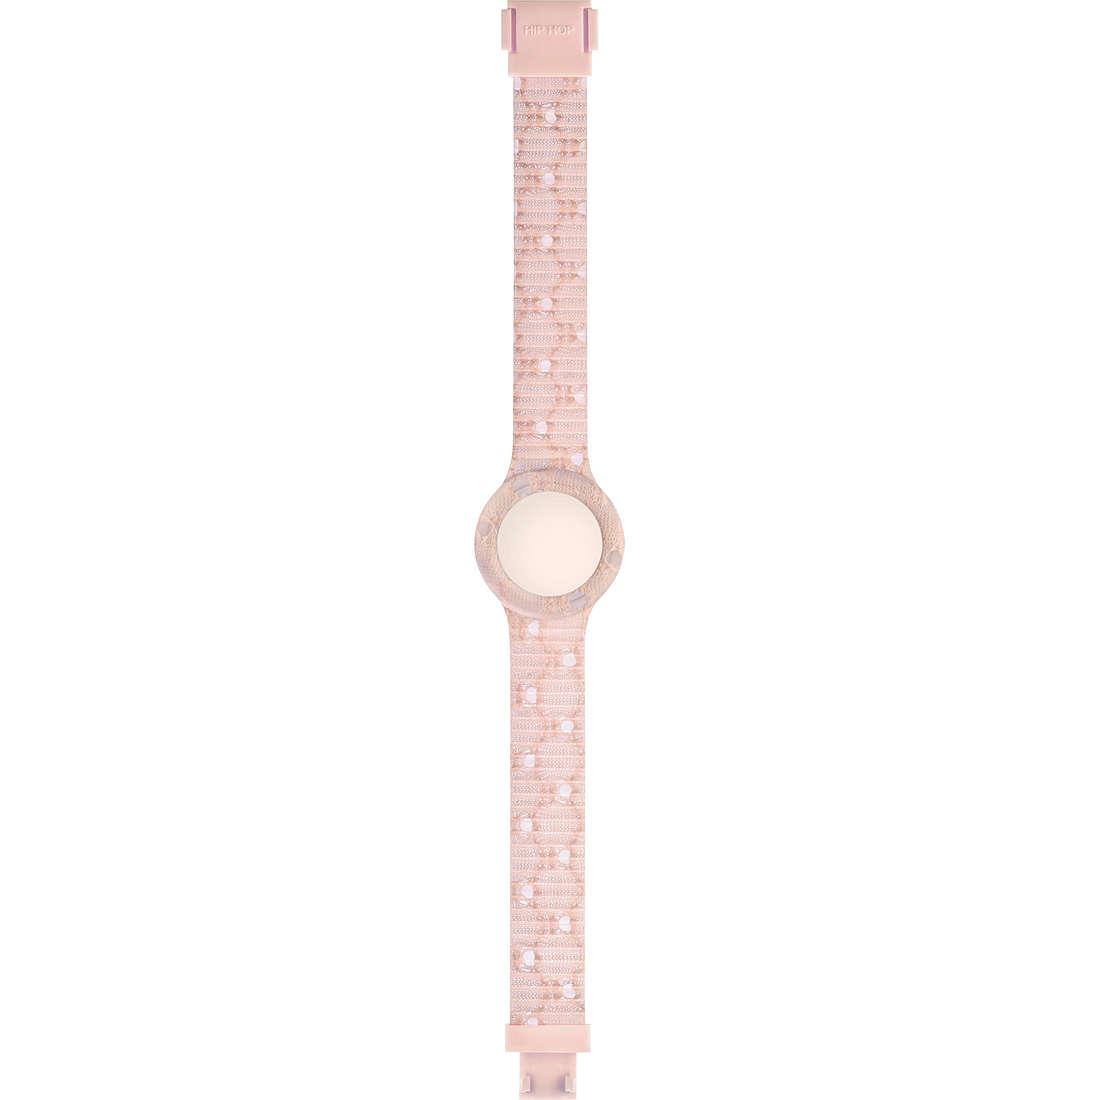 orologio accessorio donna Hip Hop Sangallo HBU0547